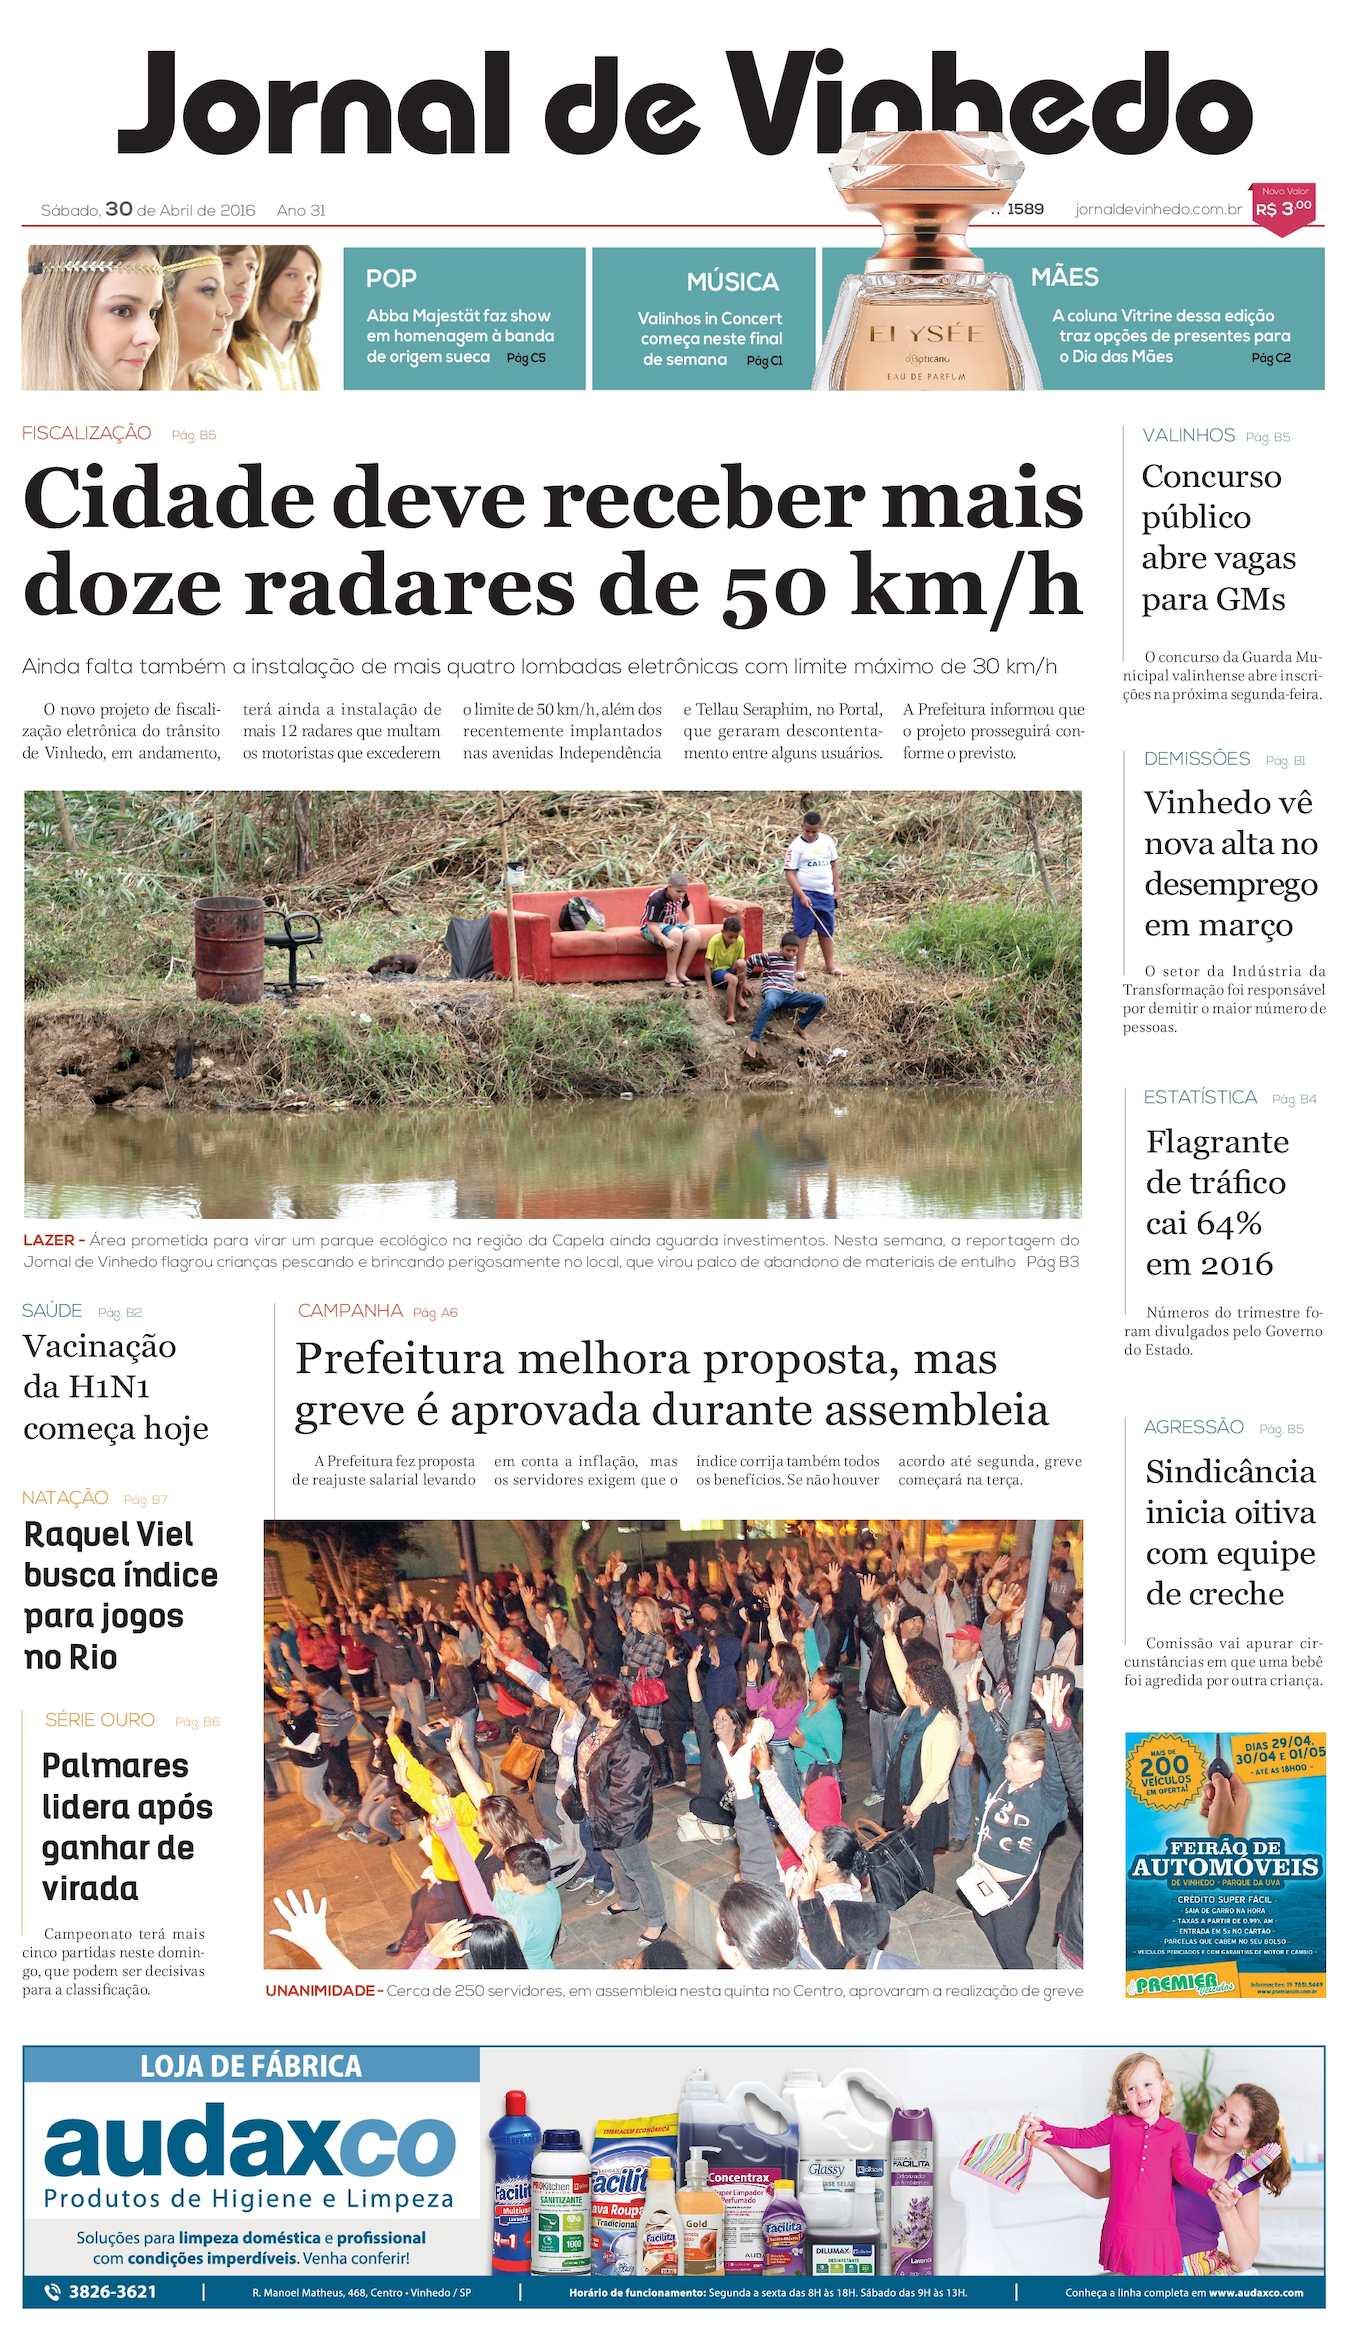 Calaméo - Jornal De Vinhedo Sabado 30 De Abril De 2016 Edic 1589 Ok 24c034f04b